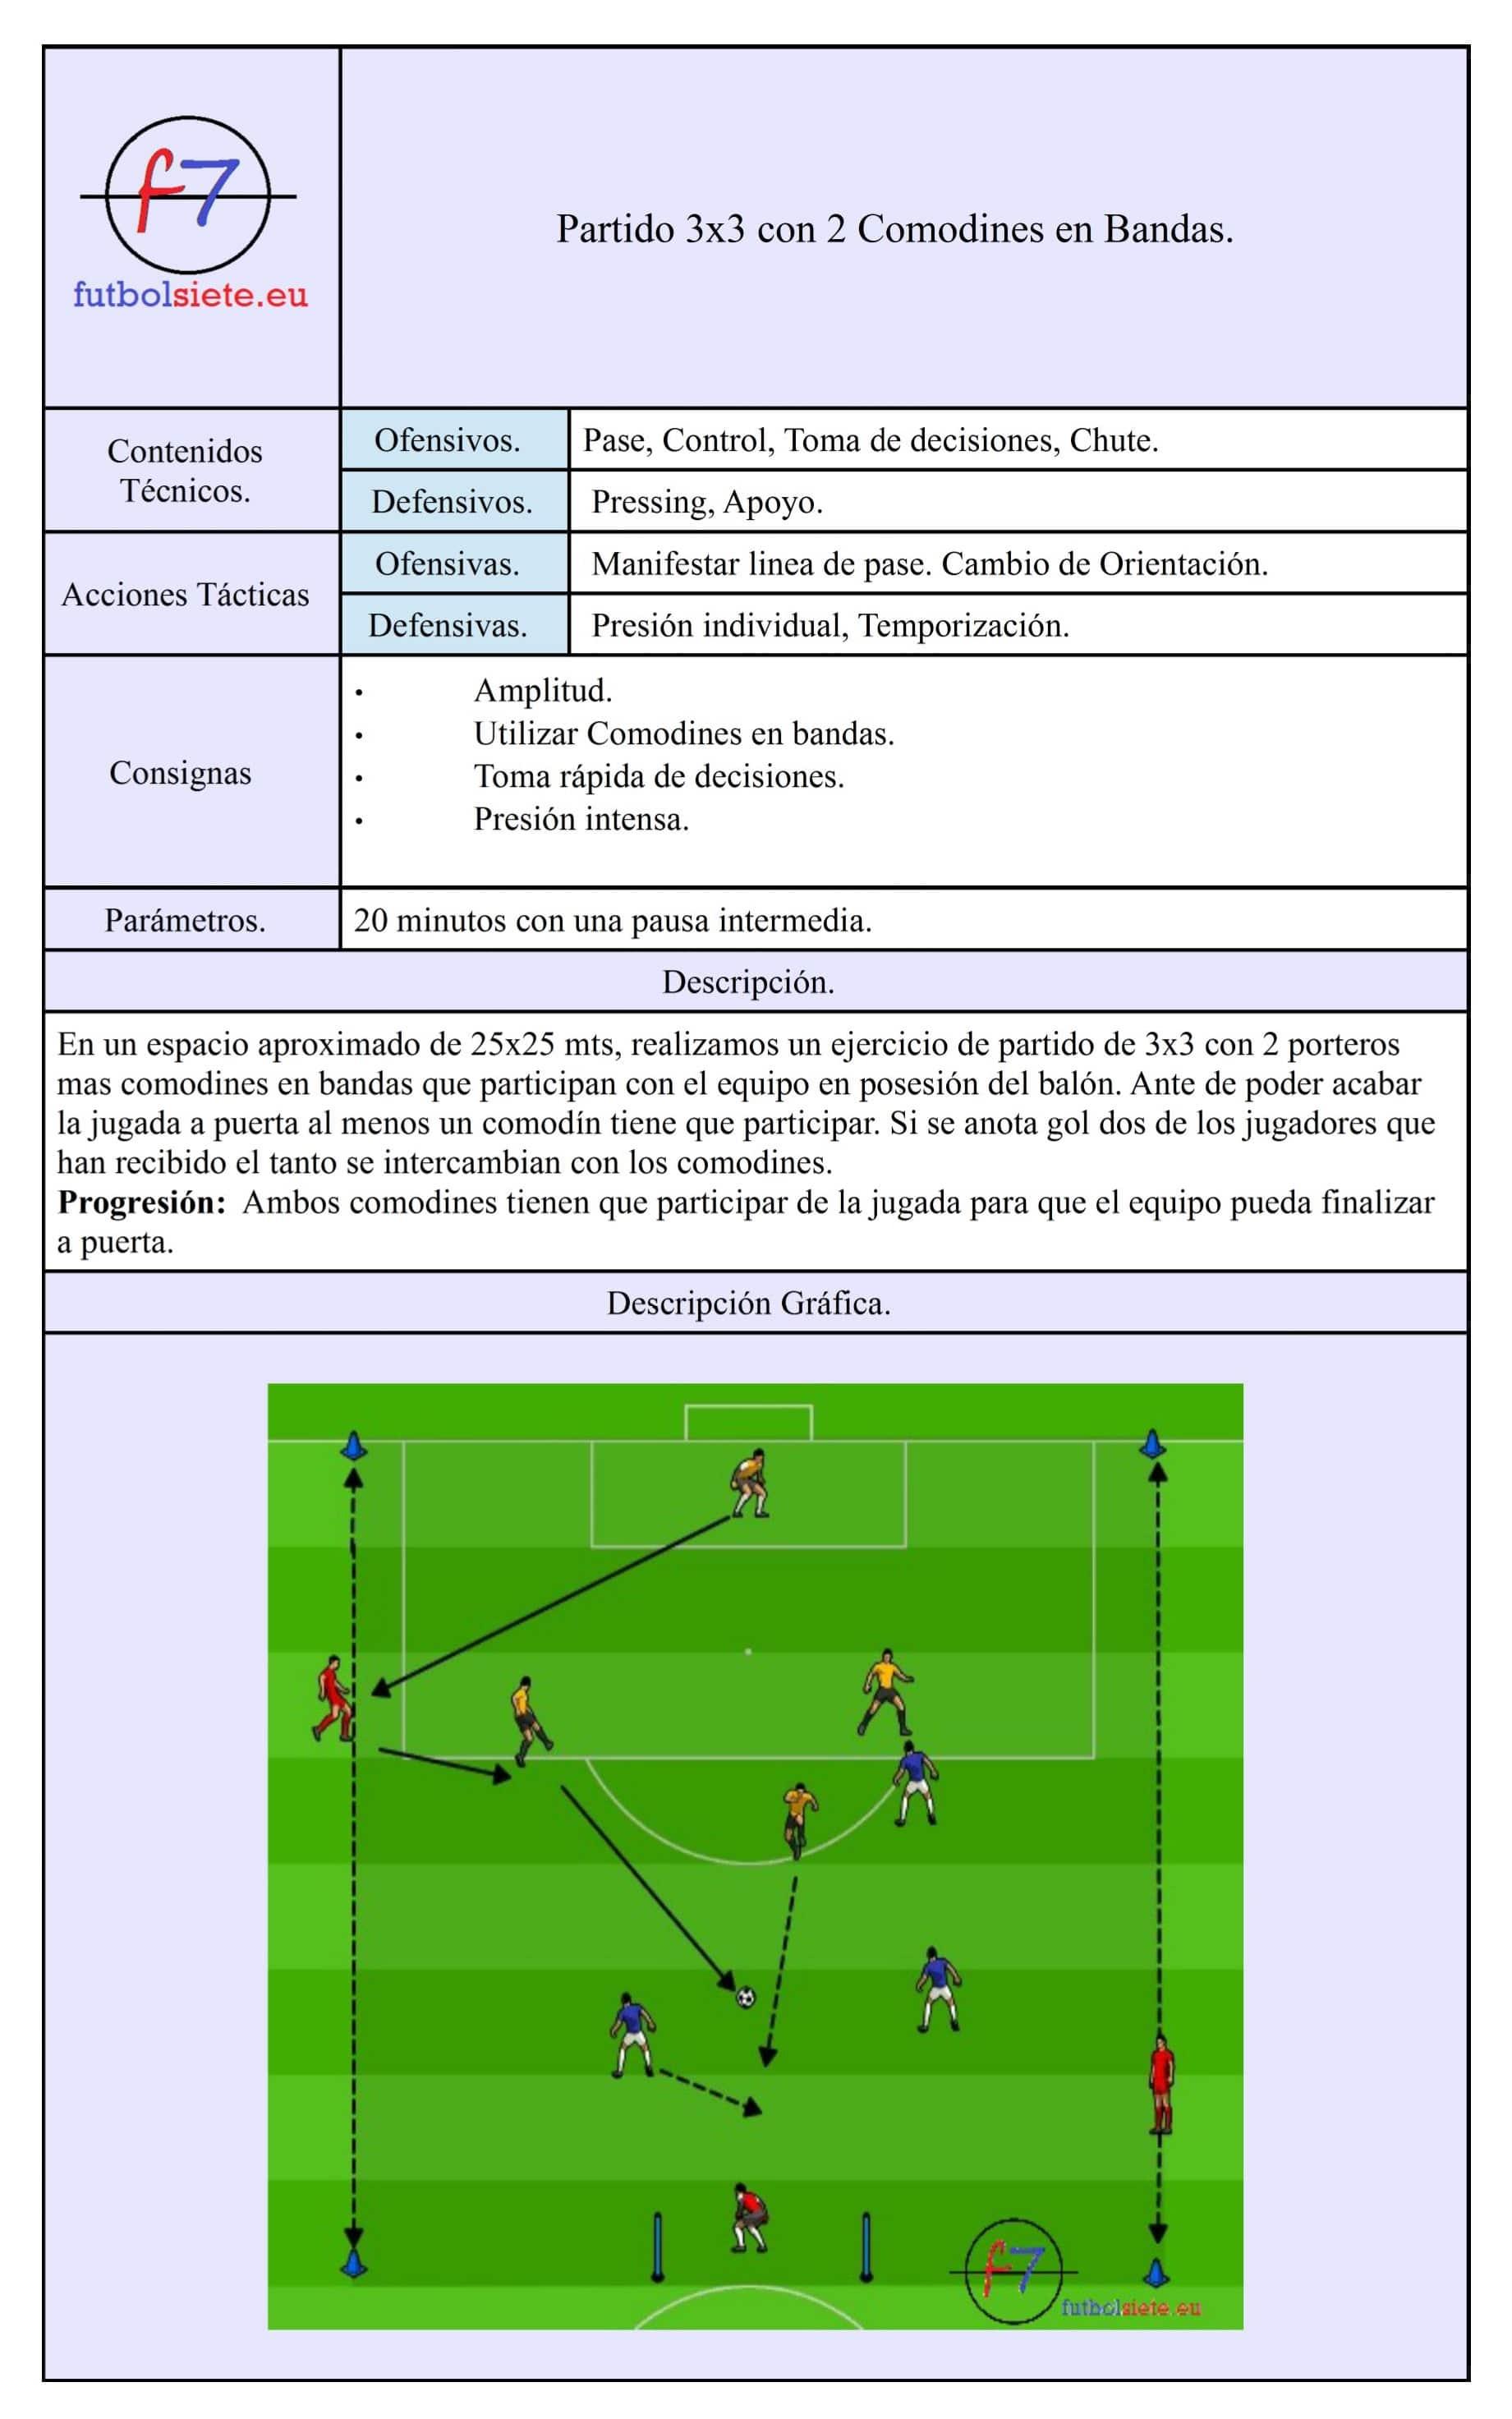 Fútbol Siete Ejercicio Partido 3x3 con 2 Comodines en Bandas